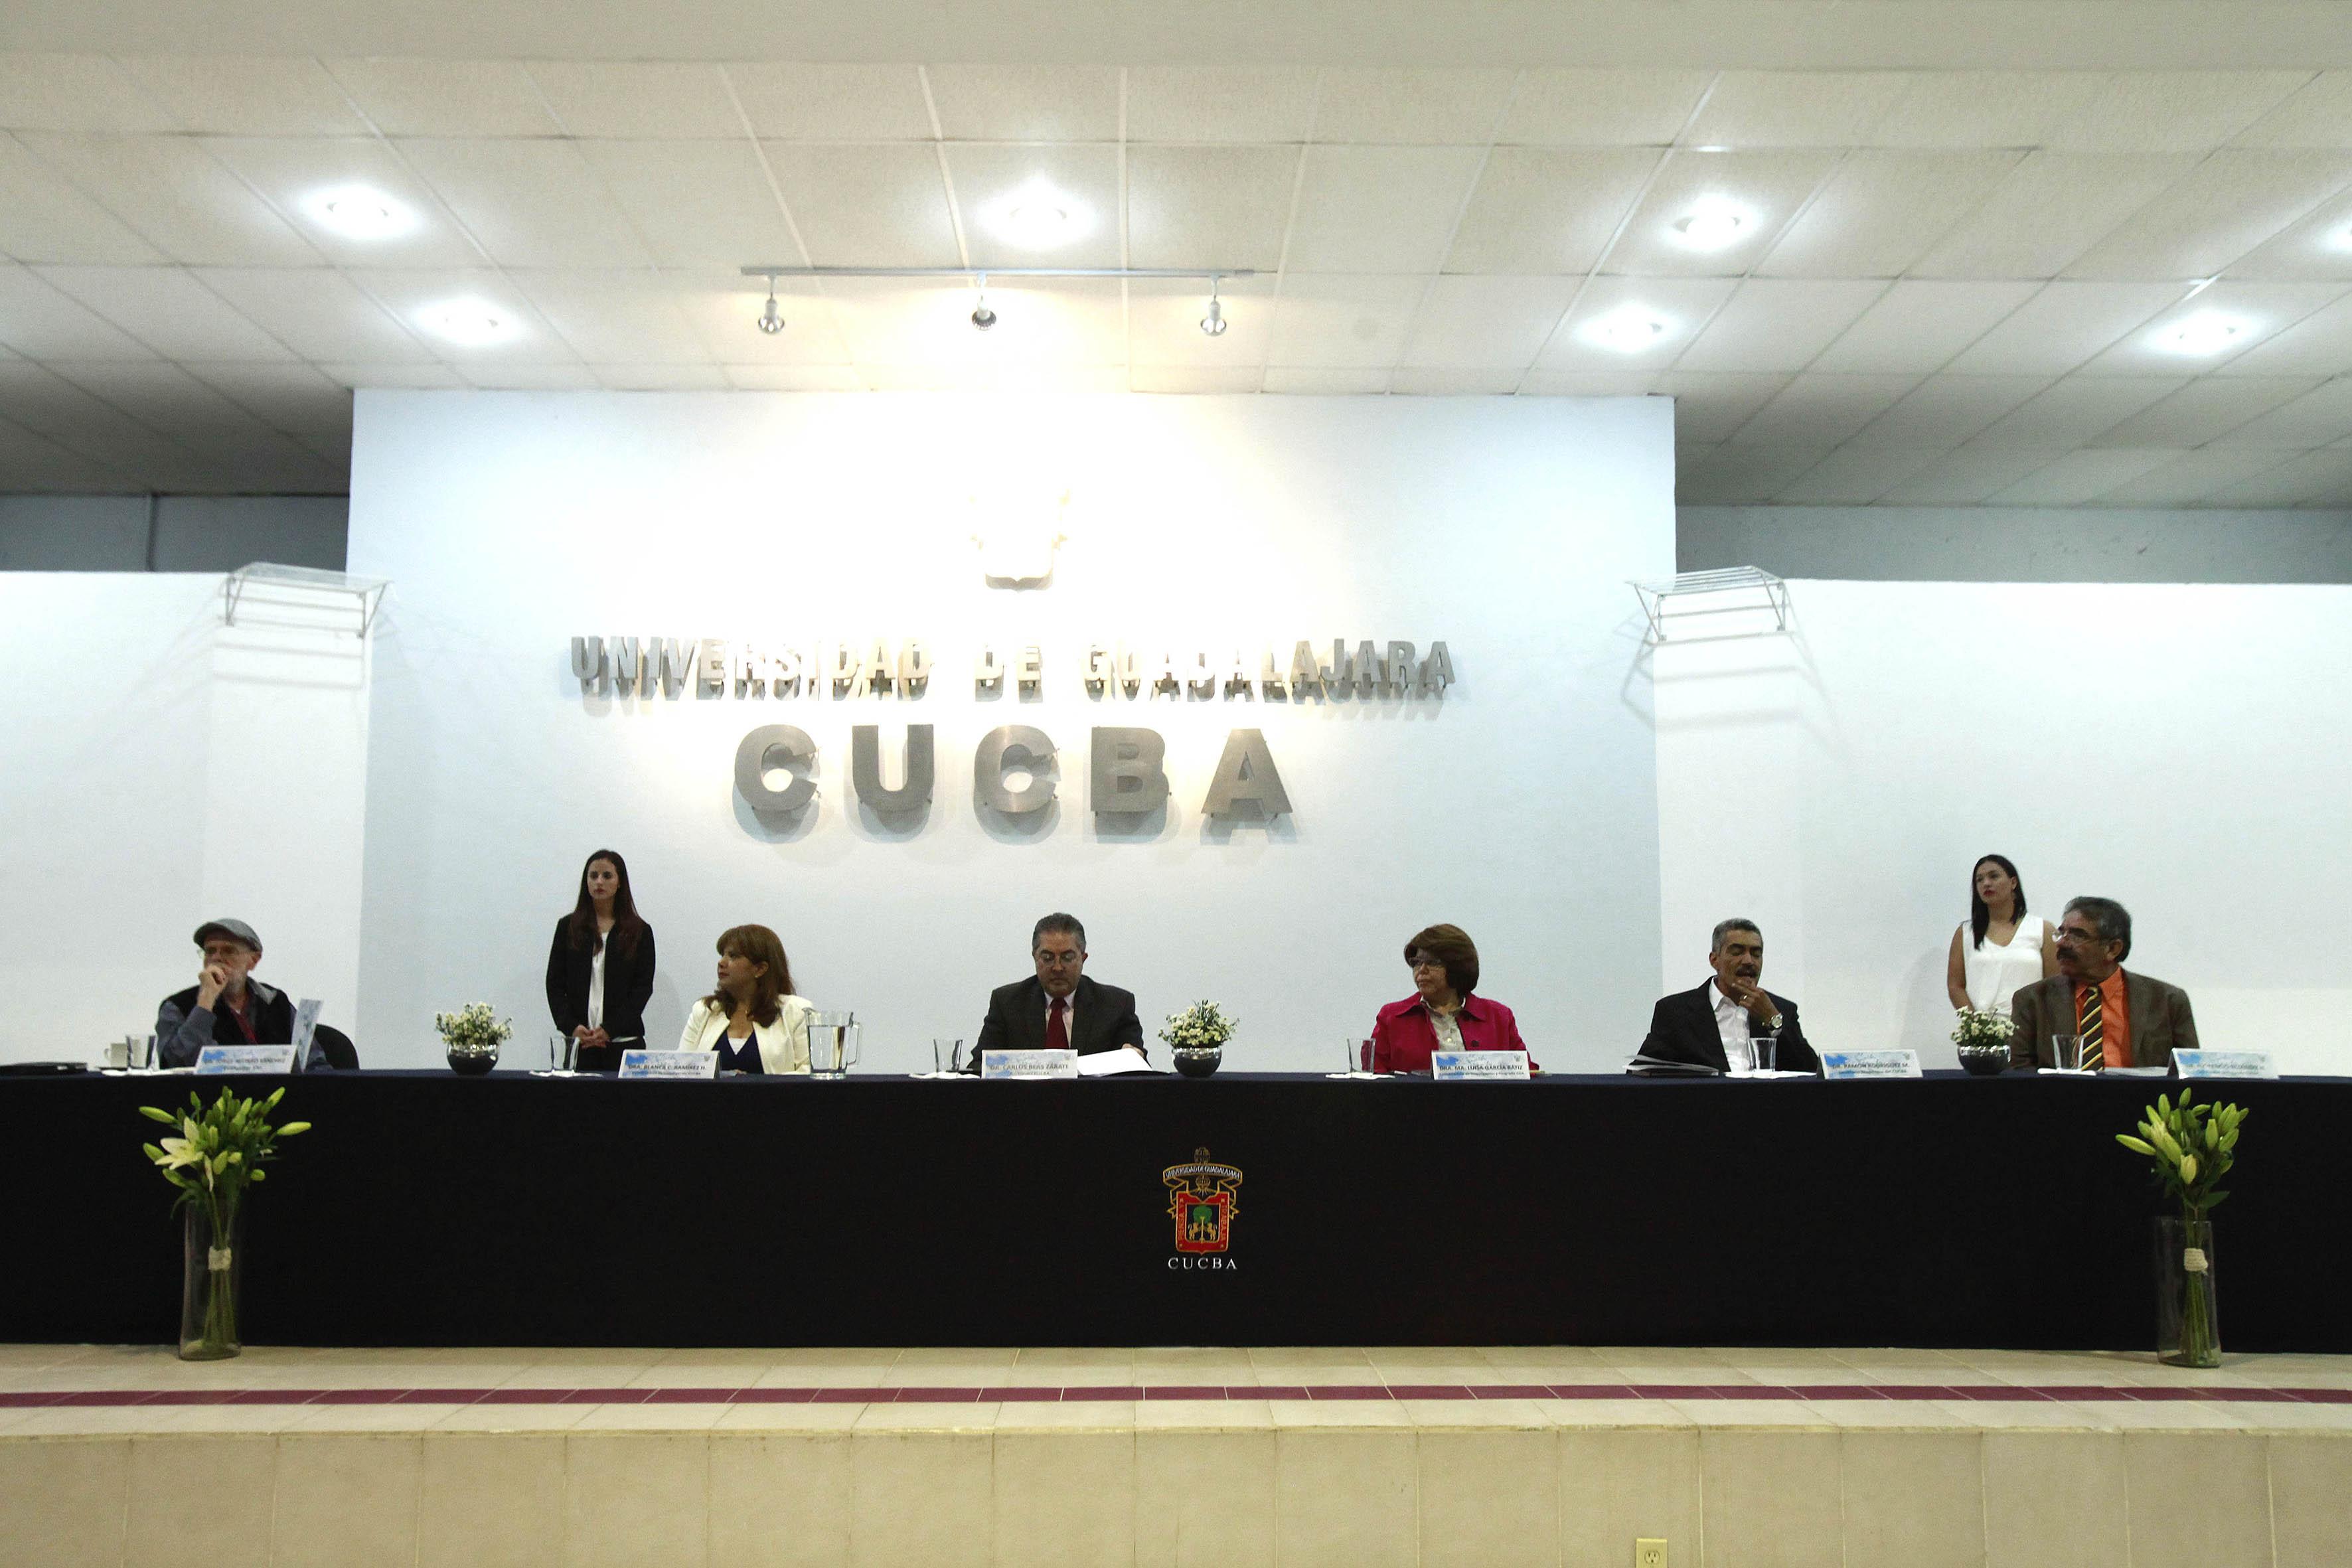 Acto inaugural del primer foro de investigación CUCBA